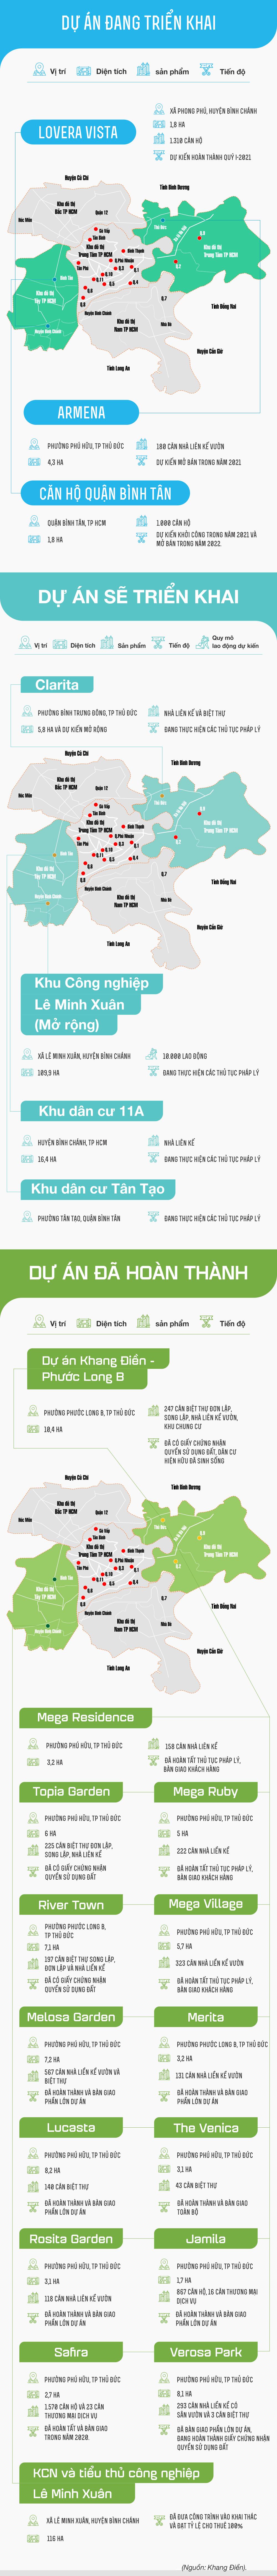 Tiến độ các dự án đang triển khai của Khang Điền - Ảnh 1.